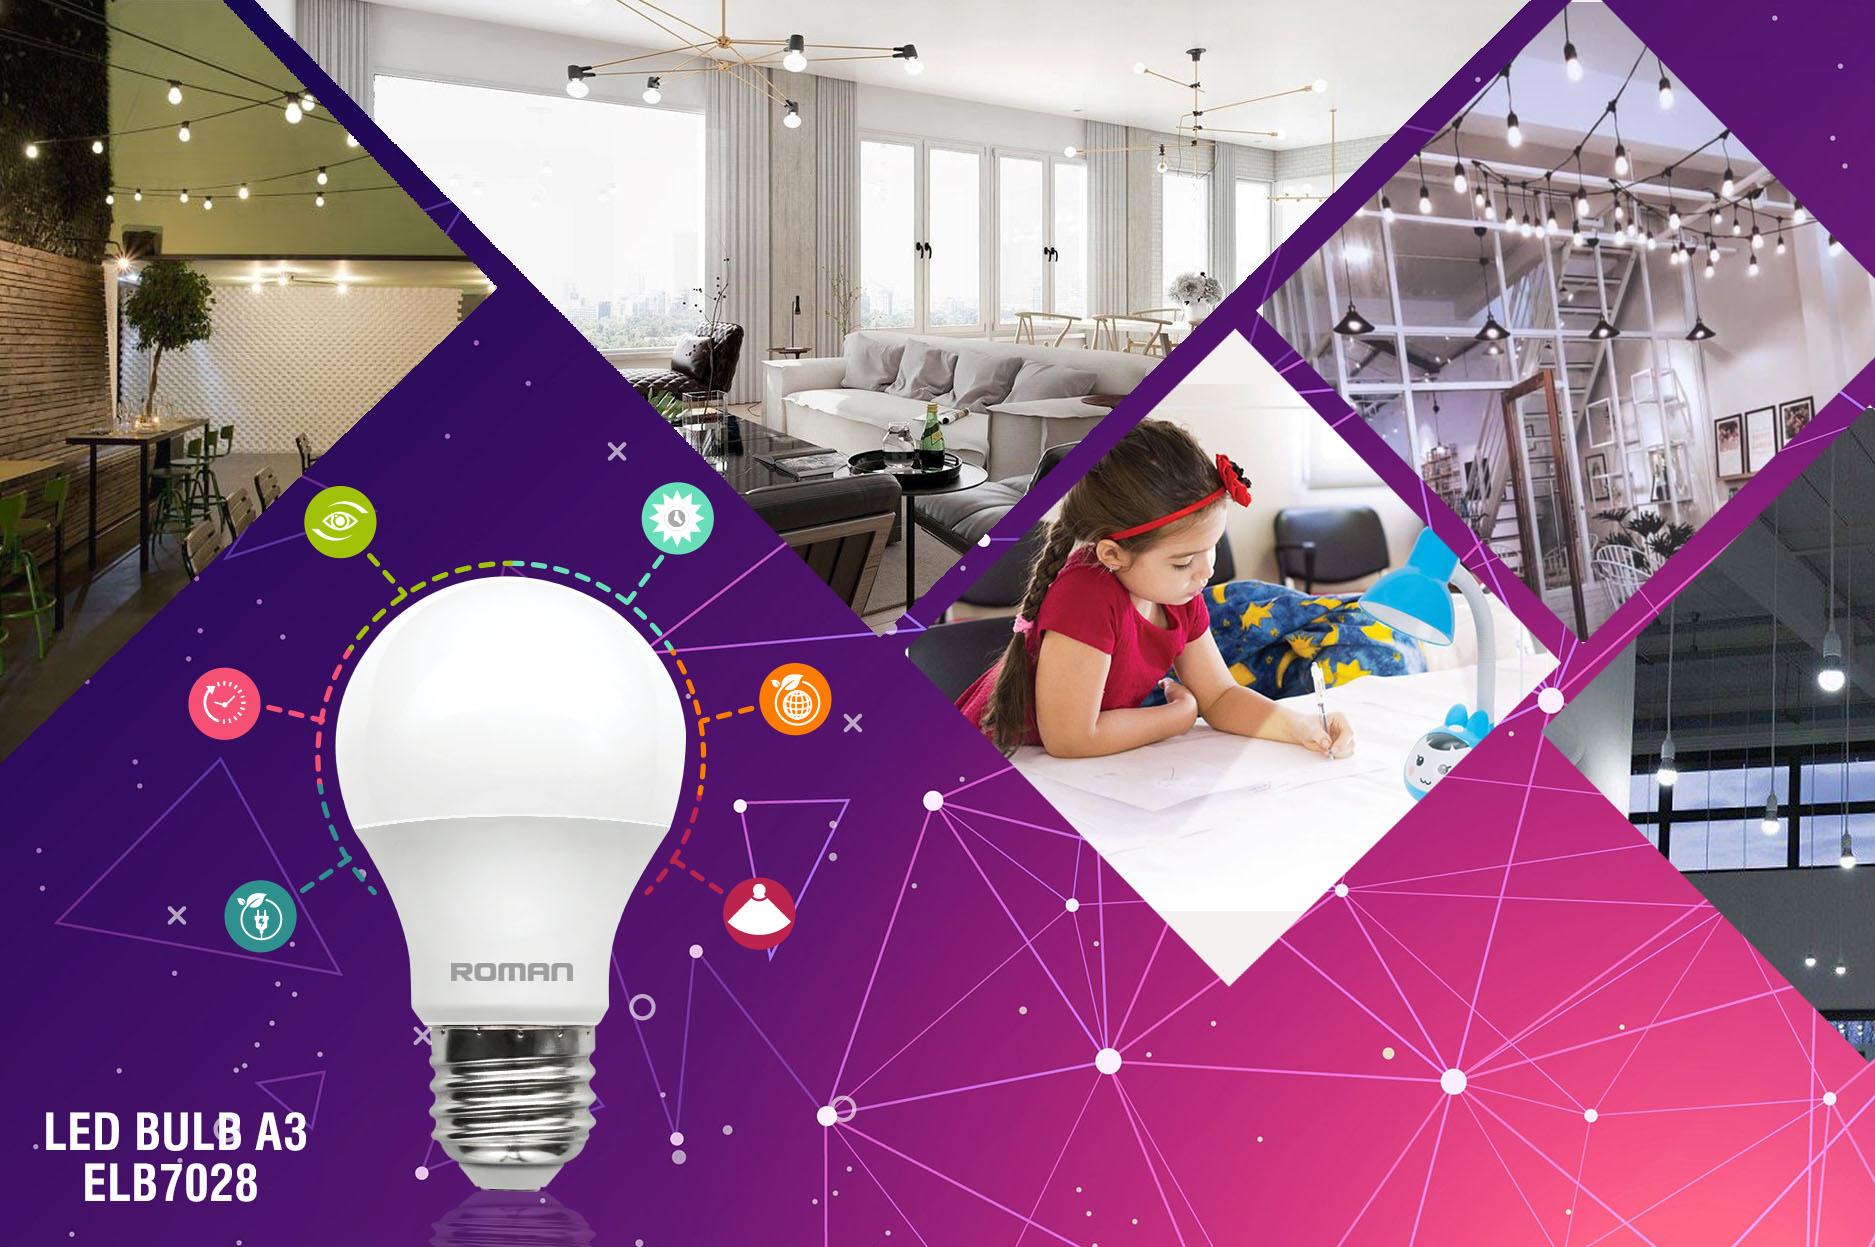 led-bulb-a3